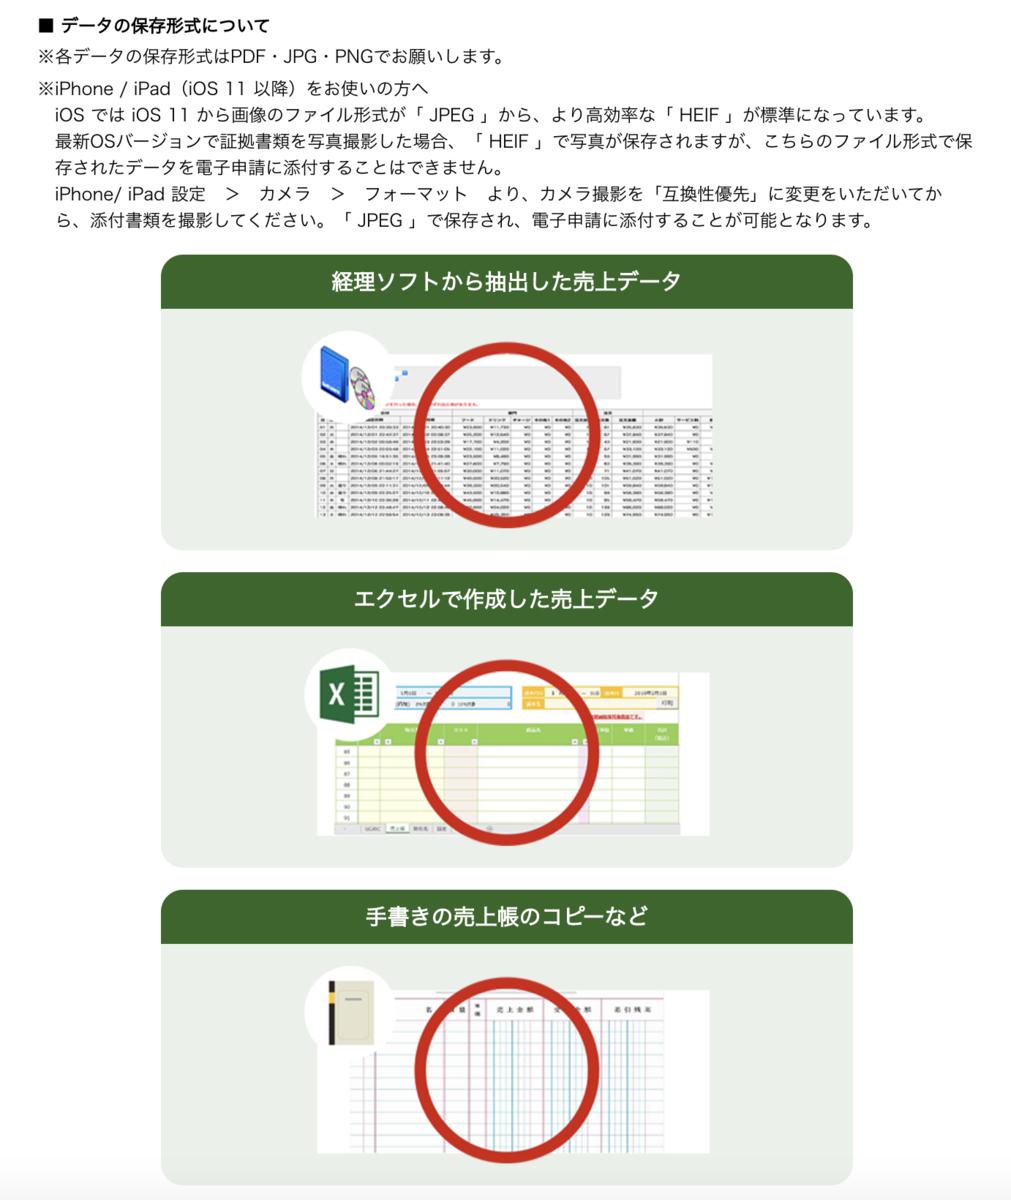 f:id:nii-tsuyo:20200624165700p:plain